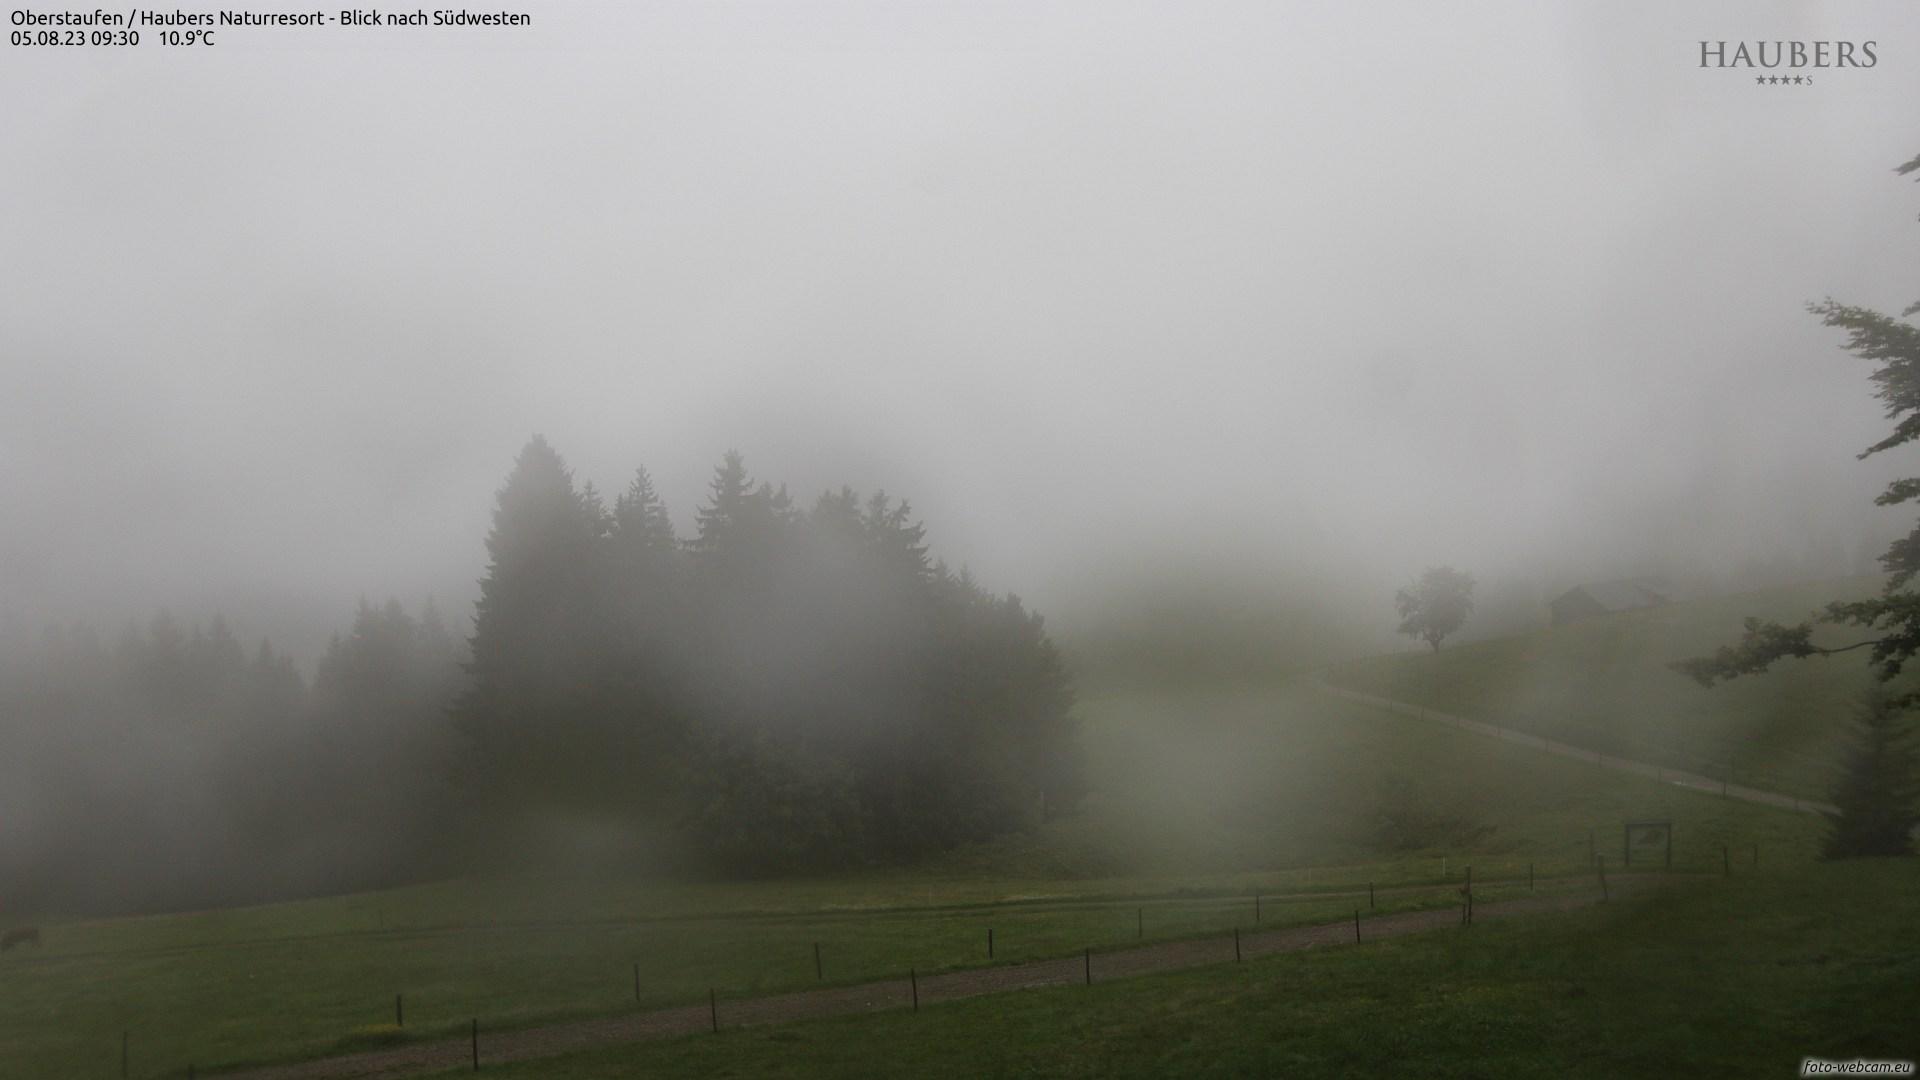 Haubers Alpenresort - Blick nach Südwesten